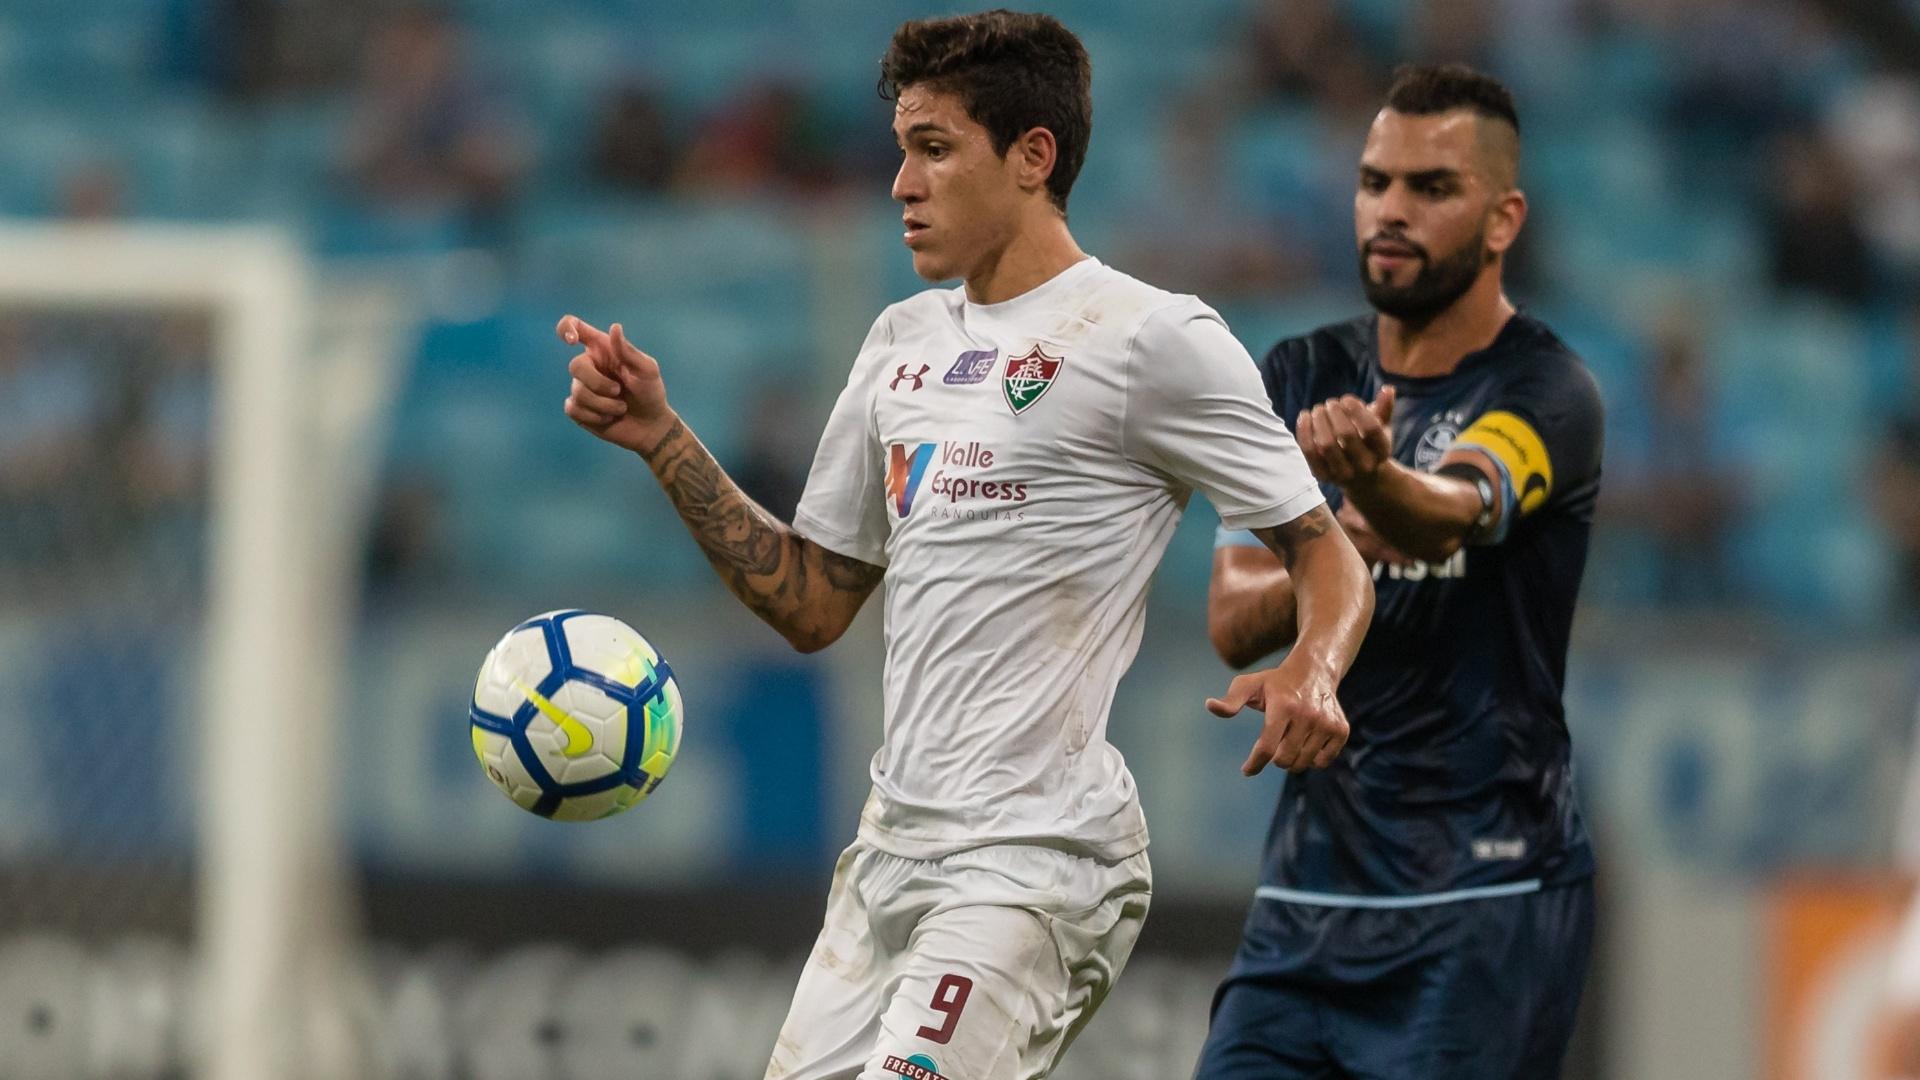 Observado por Maicon, o atacante Pedro domina a bola no jogo entre Grêmio e Fluminense